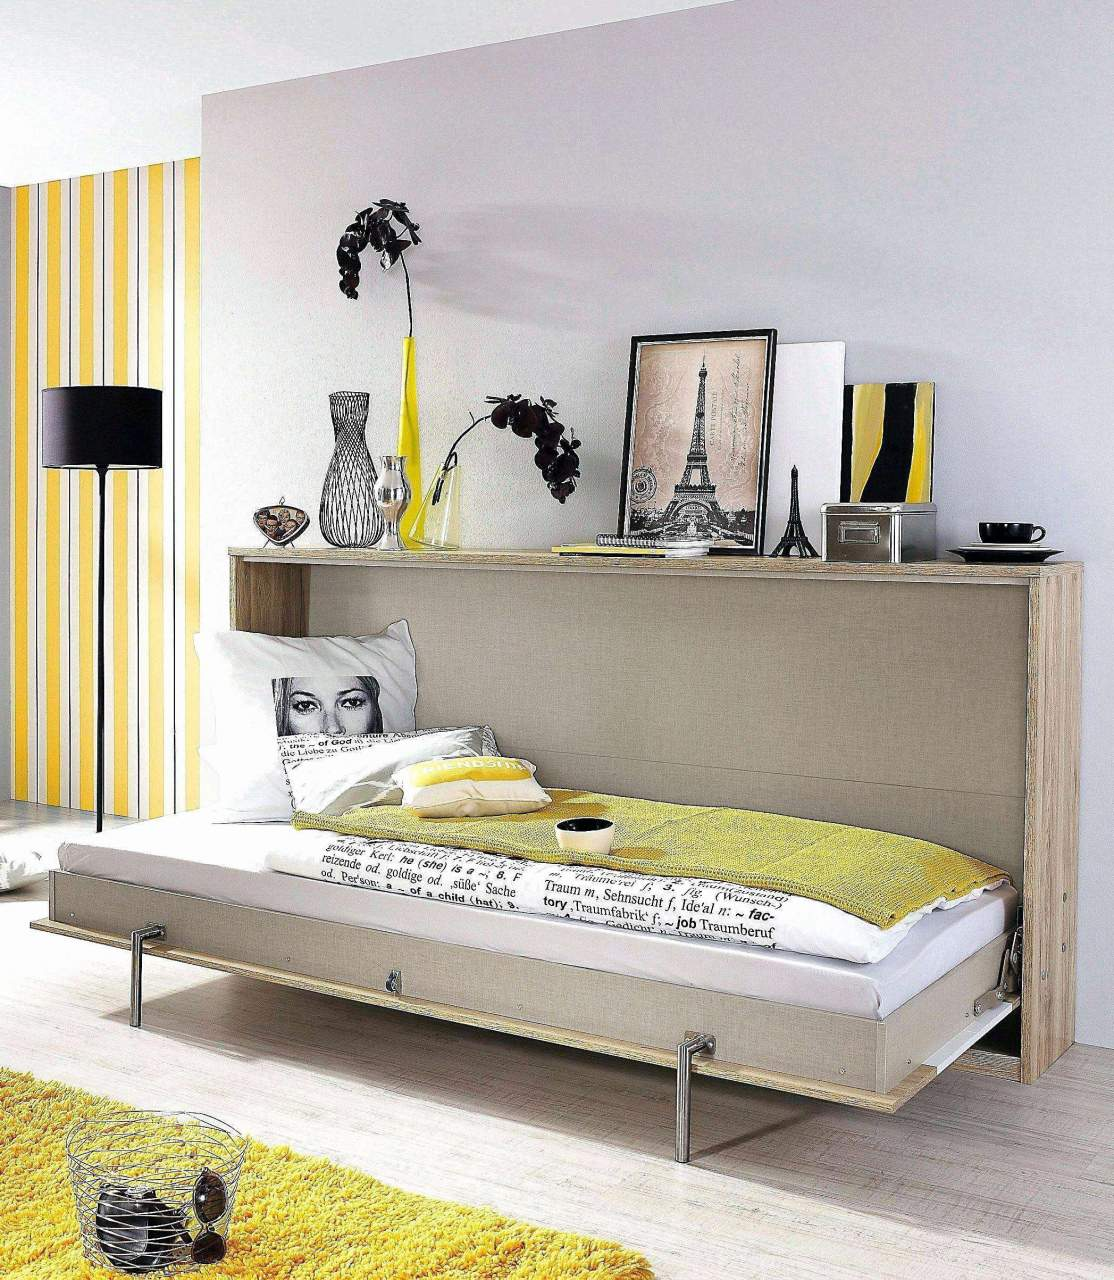 Full Size of Relaxliege Wohnzimmer Ikea Deko Lampe Lampen Sofa Mit Schlaffunktion Decke Teppich Landhausstil Liege Vinylboden Gardinen Deckenlampen Modern Küche Kosten Wohnzimmer Relaxliege Wohnzimmer Ikea